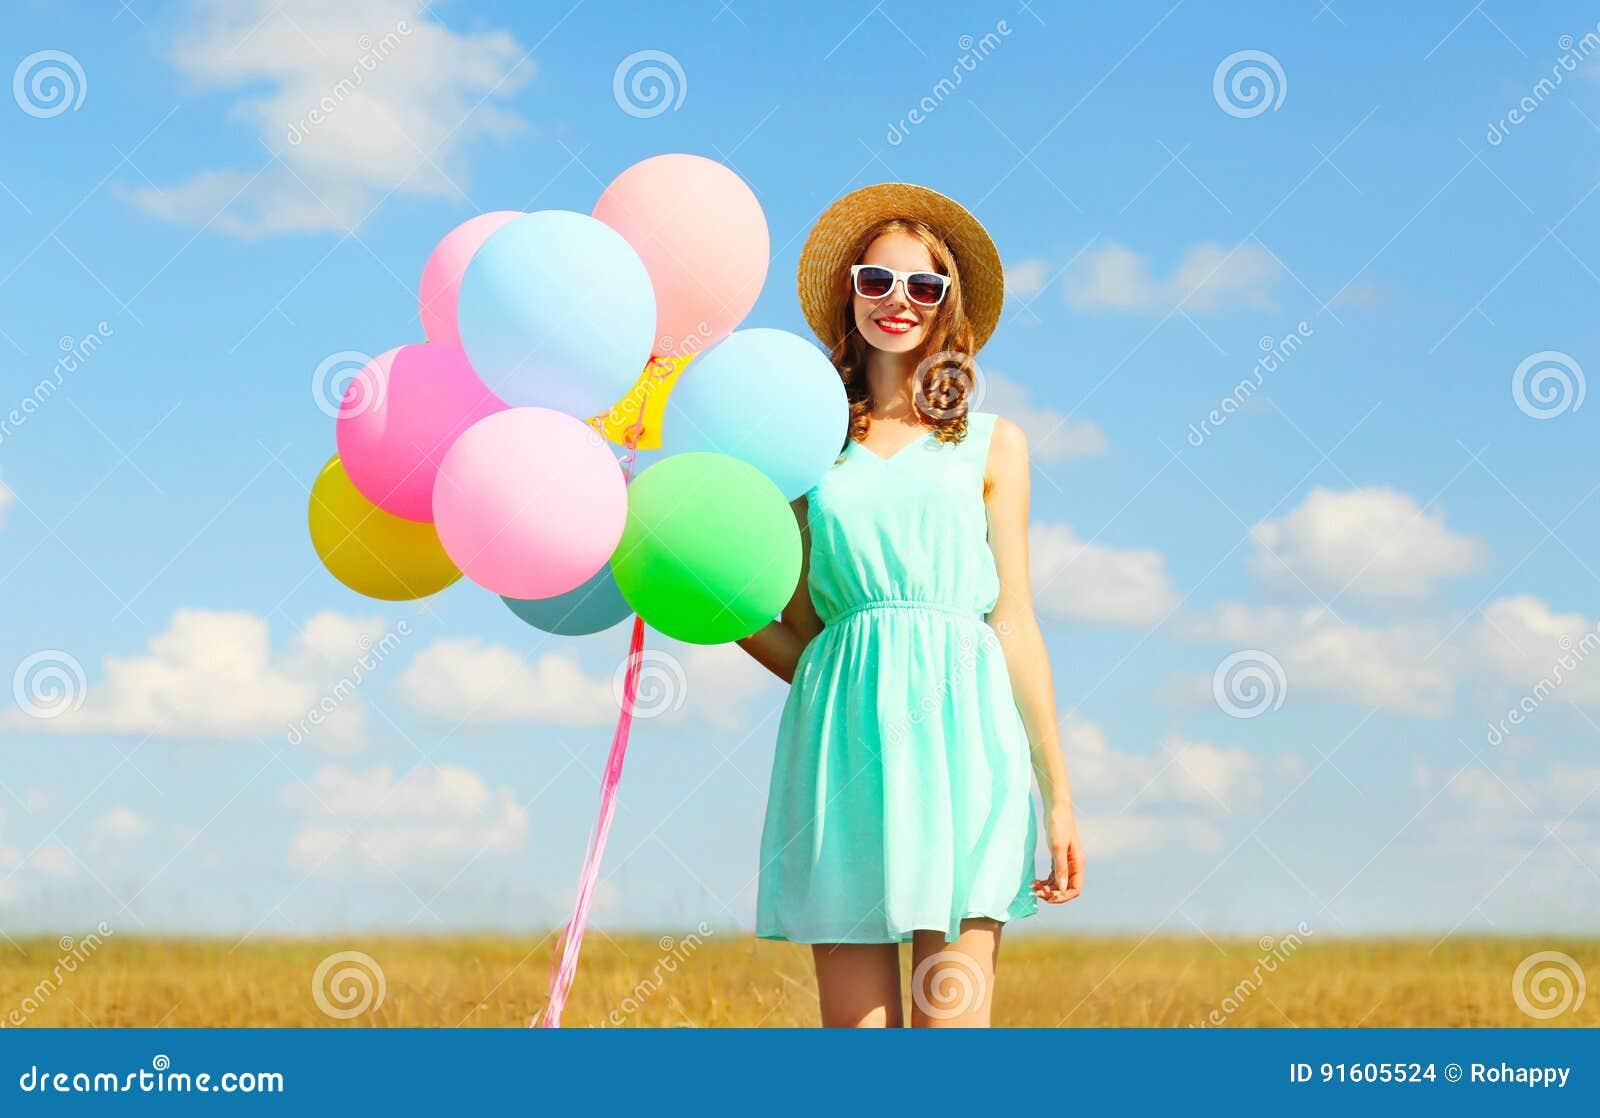 拿着空气五颜六色的气球享受在草甸蓝天的愉快的微笑的少妇一个夏日